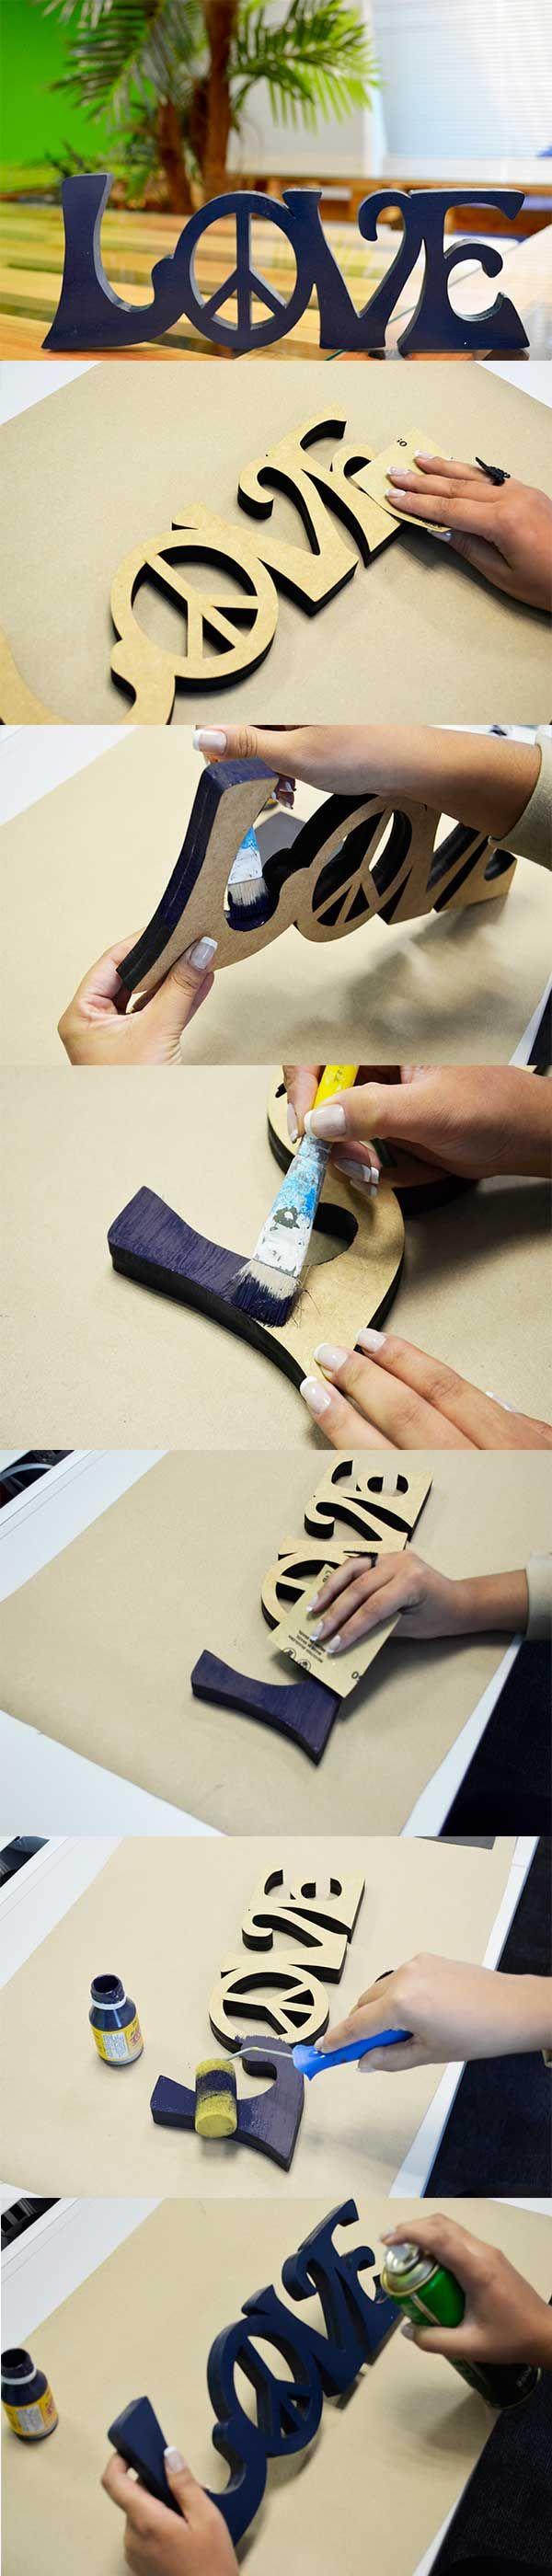 Descubra Como Pintar Letras de MDF decorativas... Ficam Lindas!